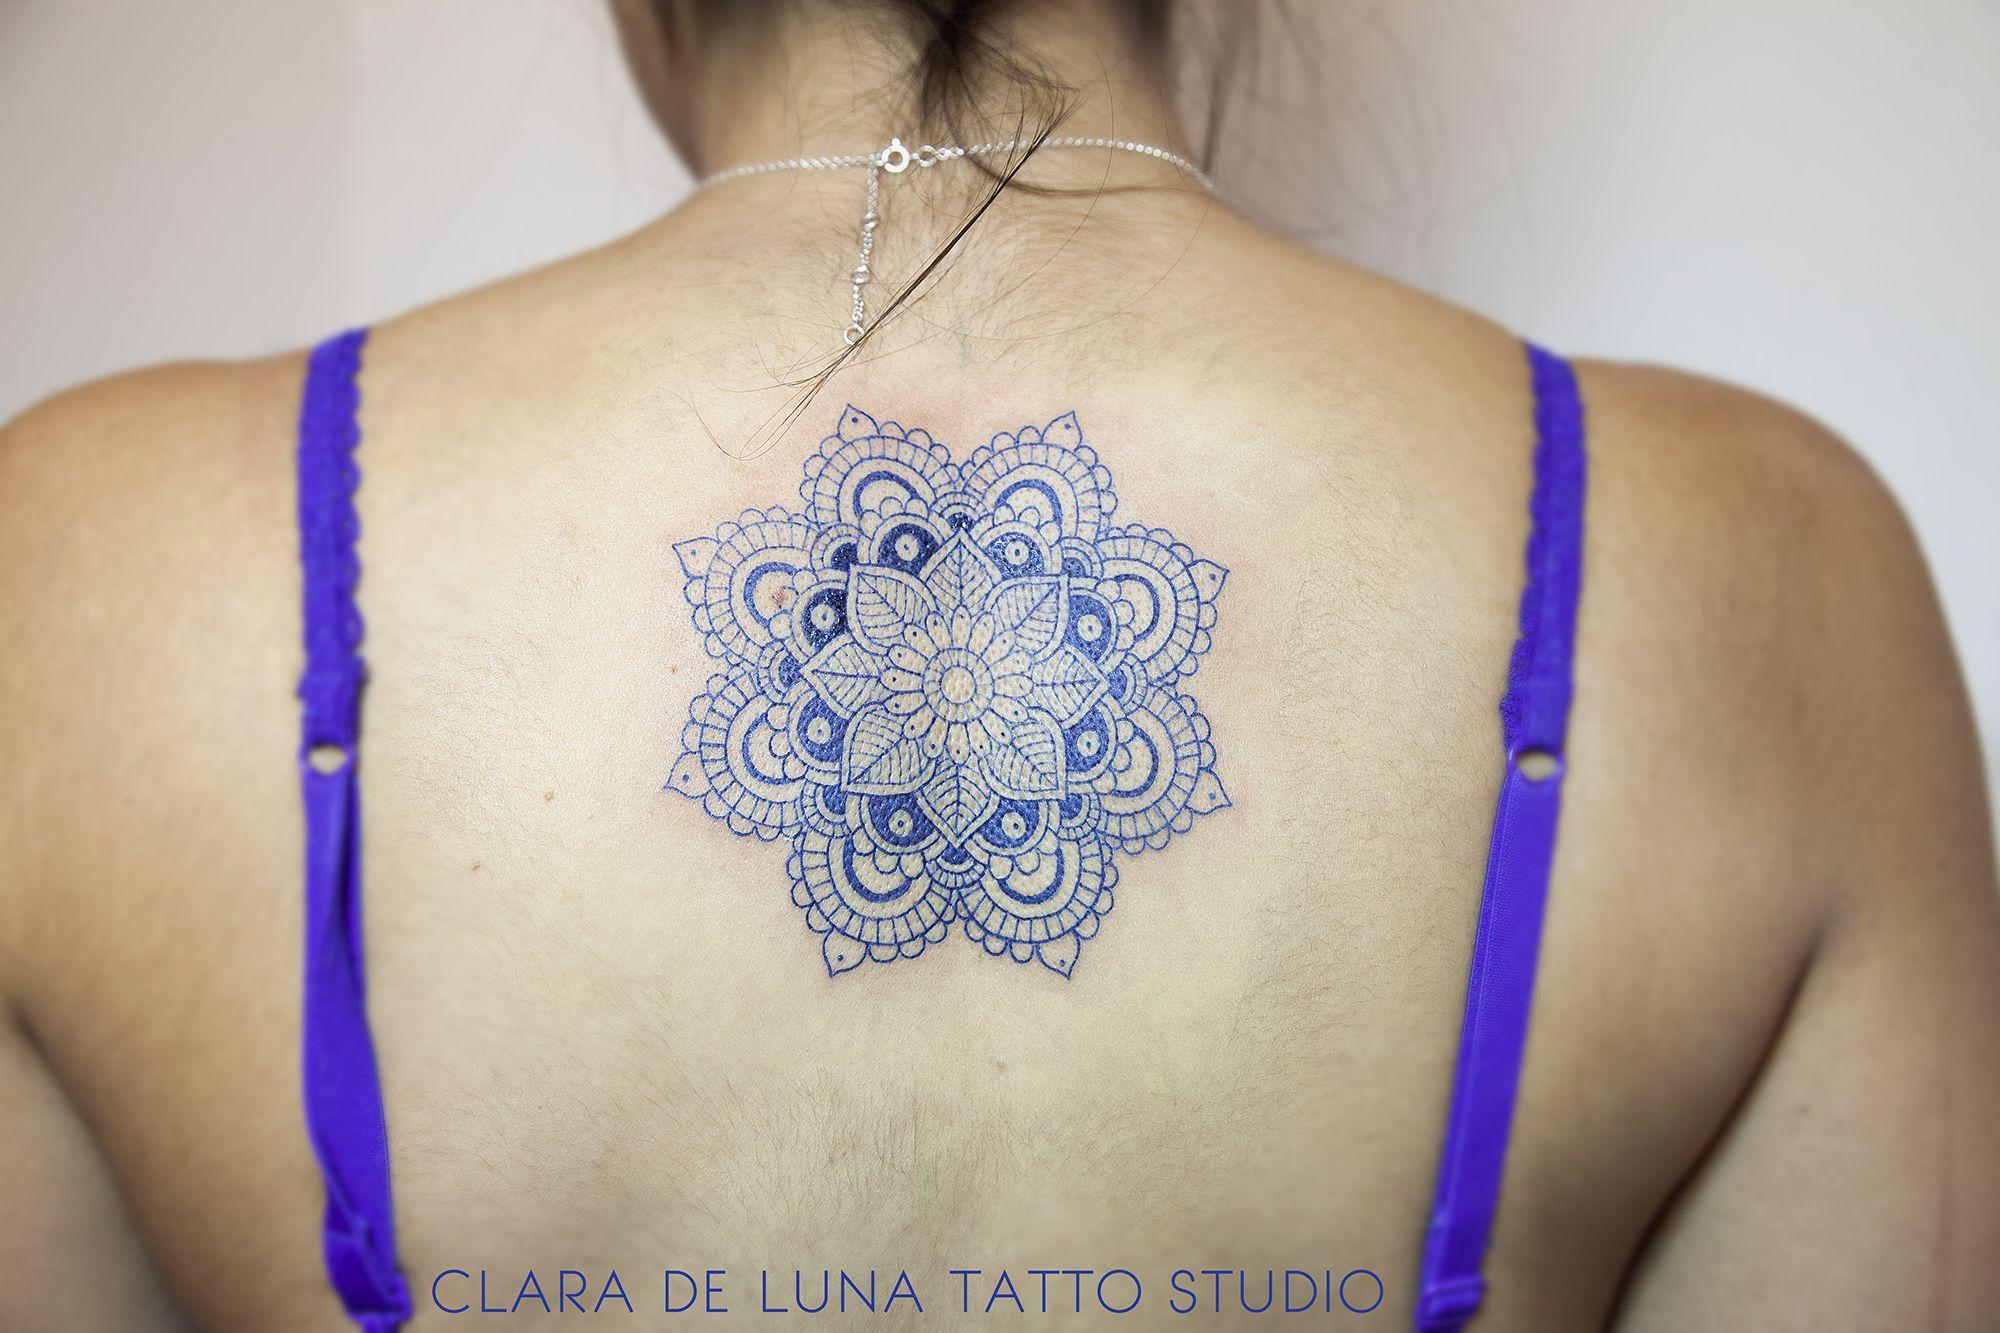 Ampoule laureen luhn design graphique - Blue Mandala Tattoo